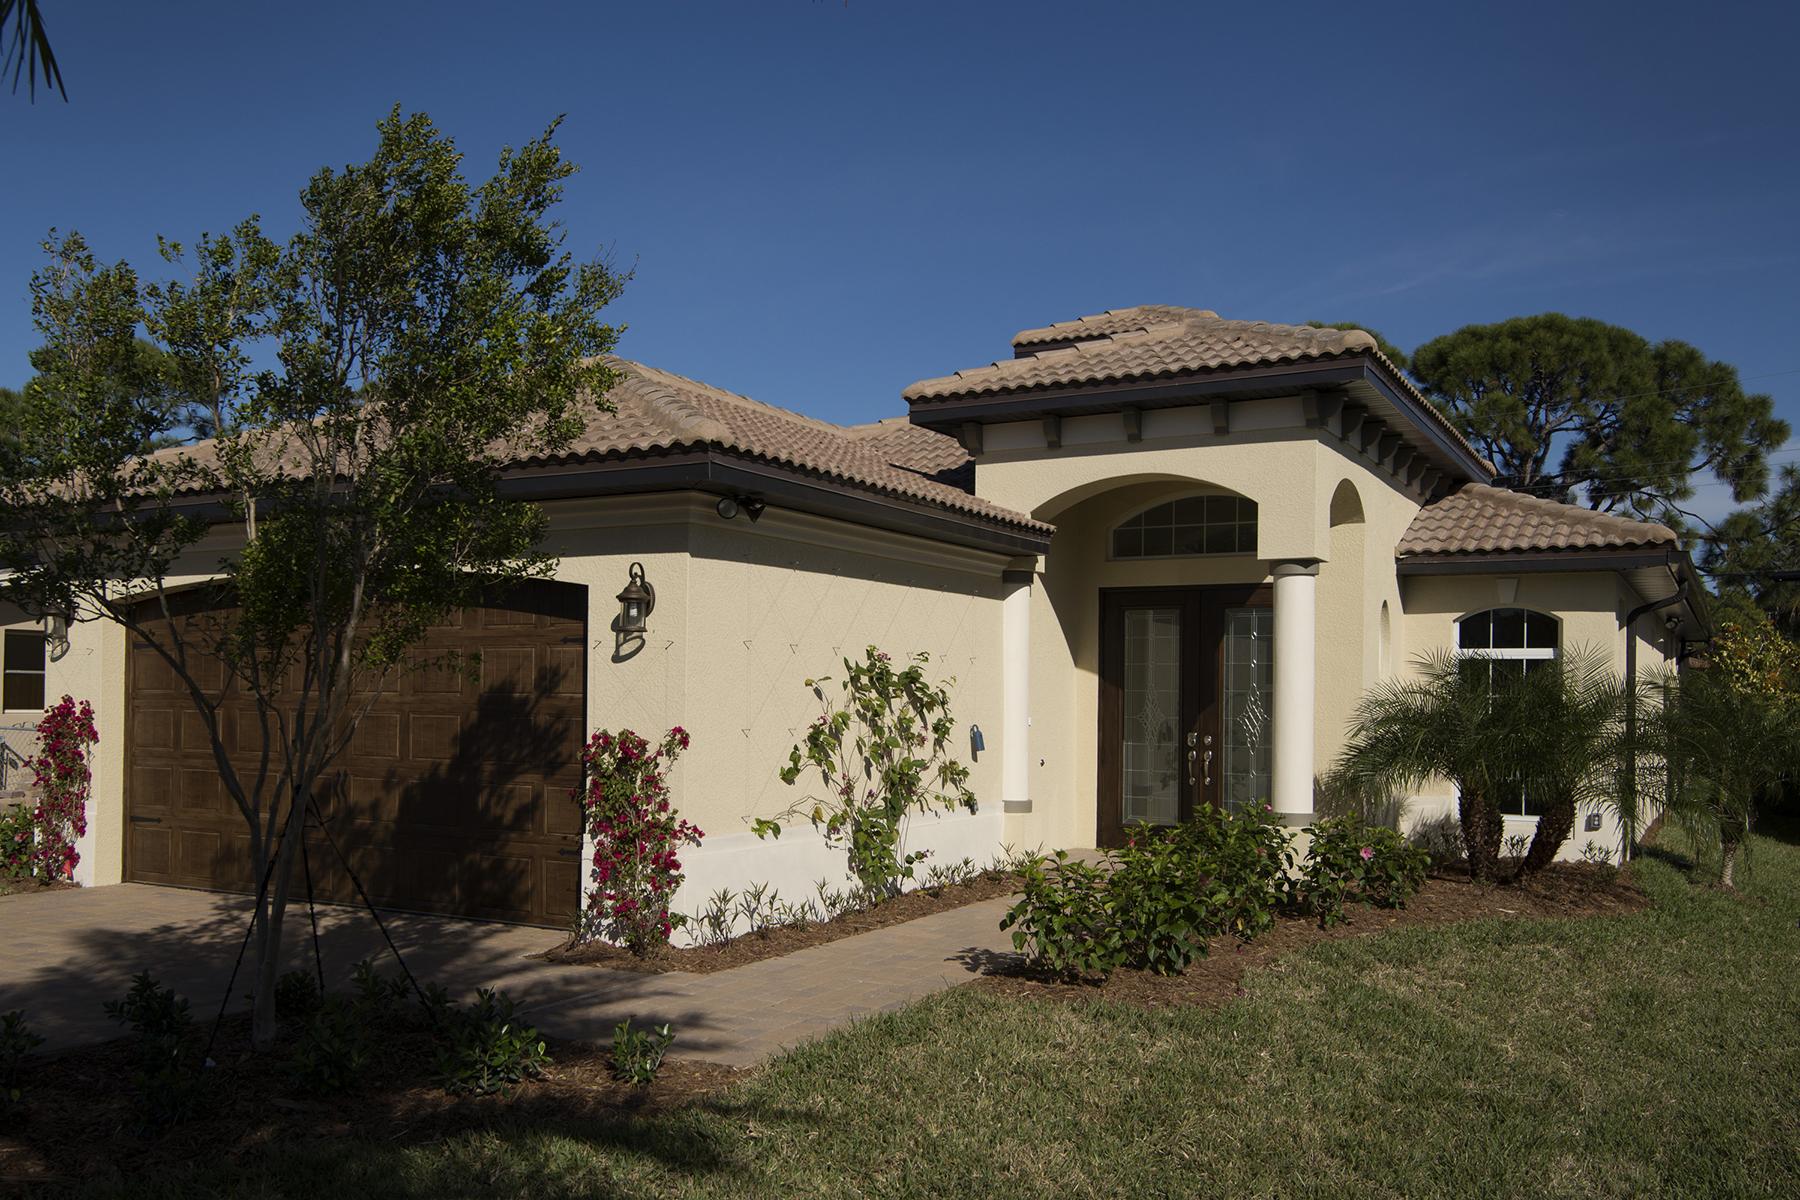 Maison unifamiliale pour l Vente à NAPLES PARK 551 99th Ave N Naples, Florida 34108 États-Unis